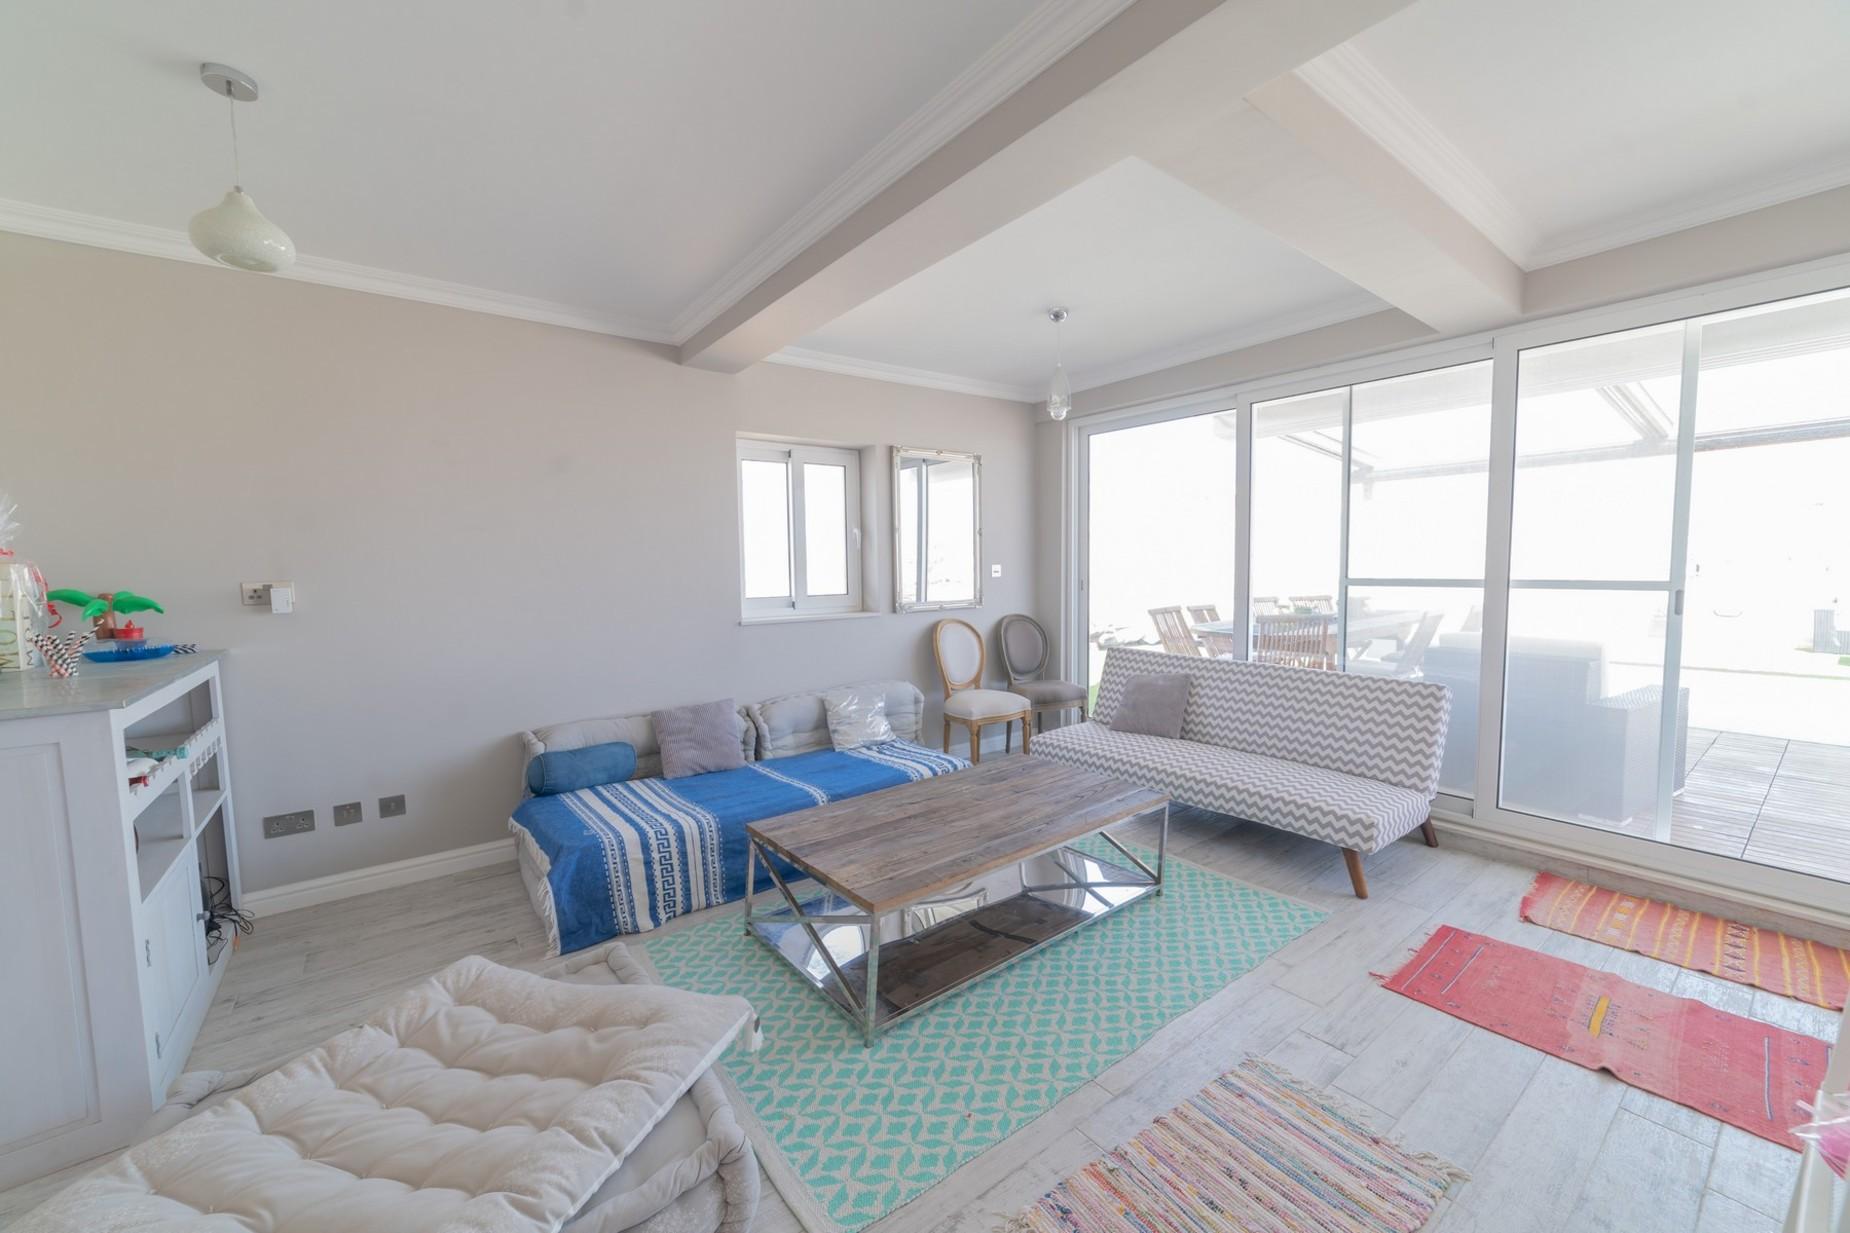 4 bed Apartment For Sale in Ta' Xbiex, Ta' Xbiex - thumb 15